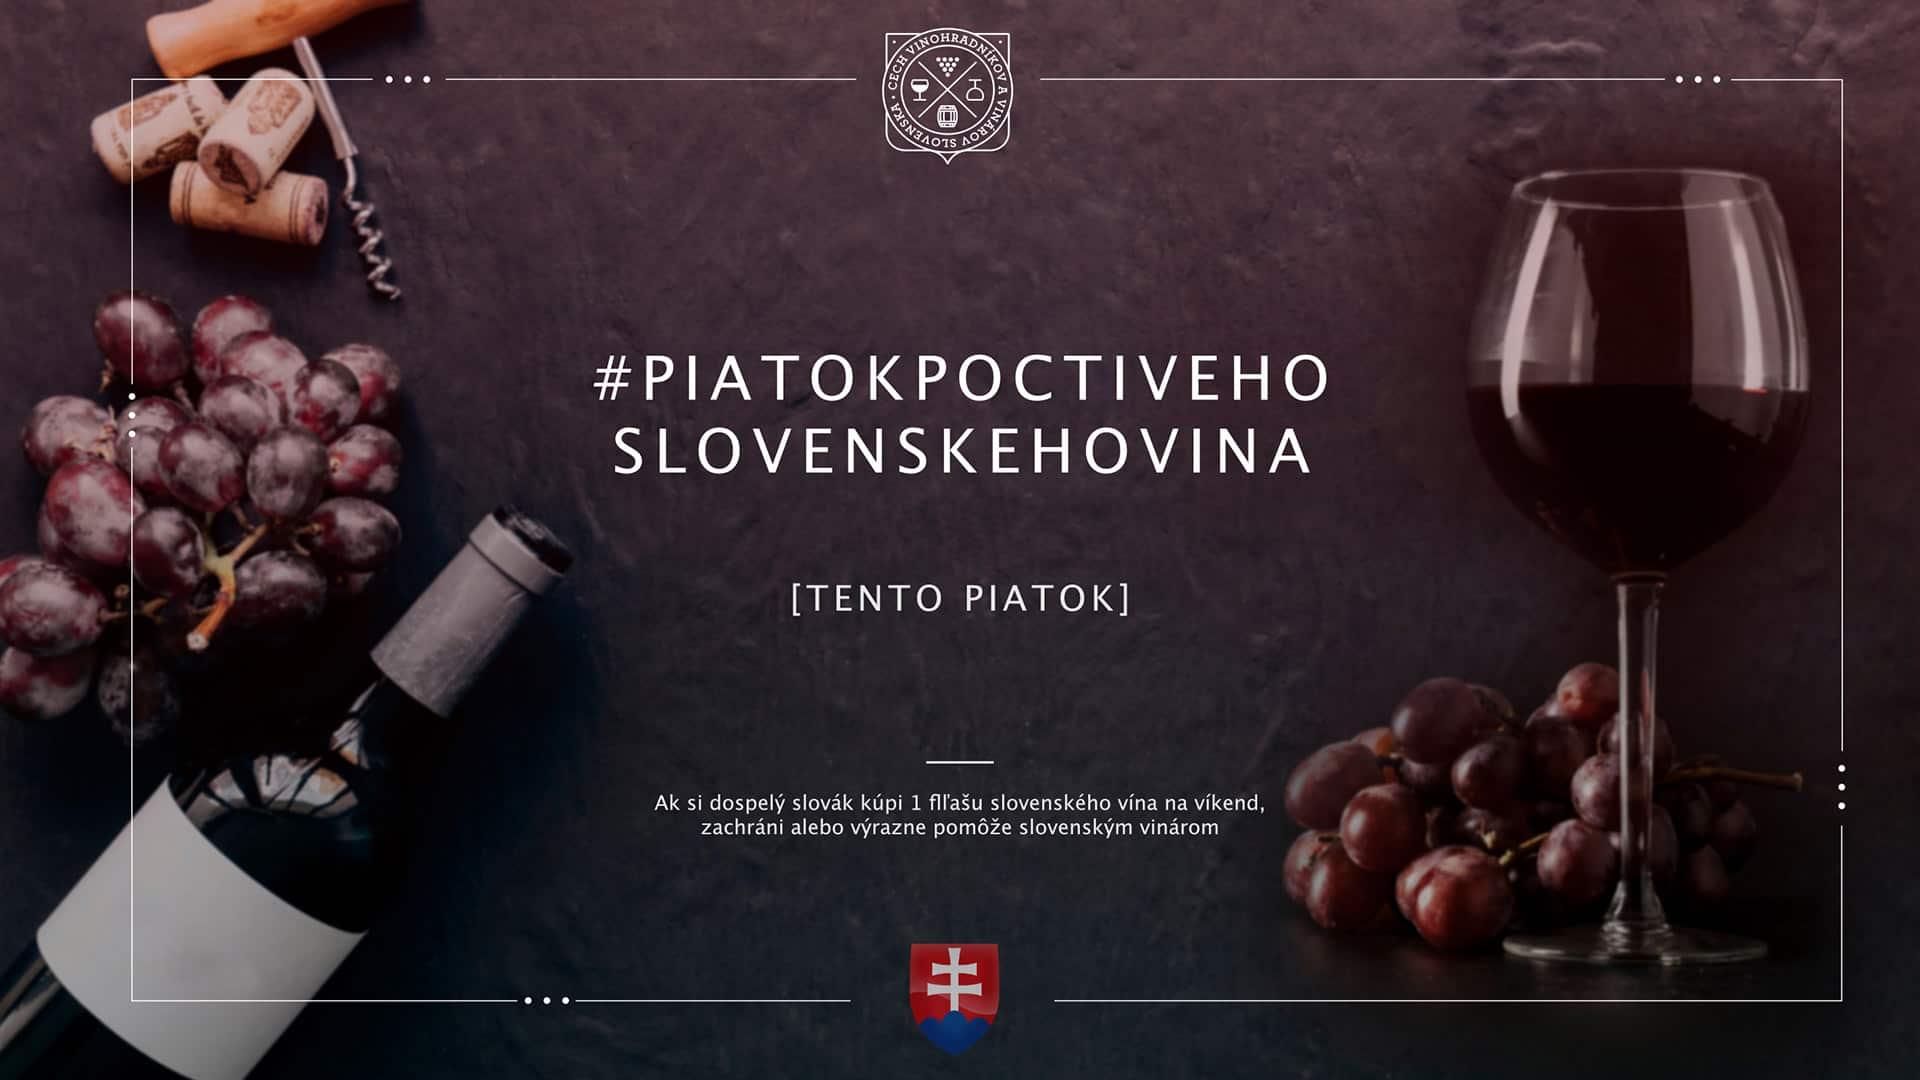 Piatok Poctiveho Slovenskeho Vina - Cech vinohradníkov a vinárov Slovenska